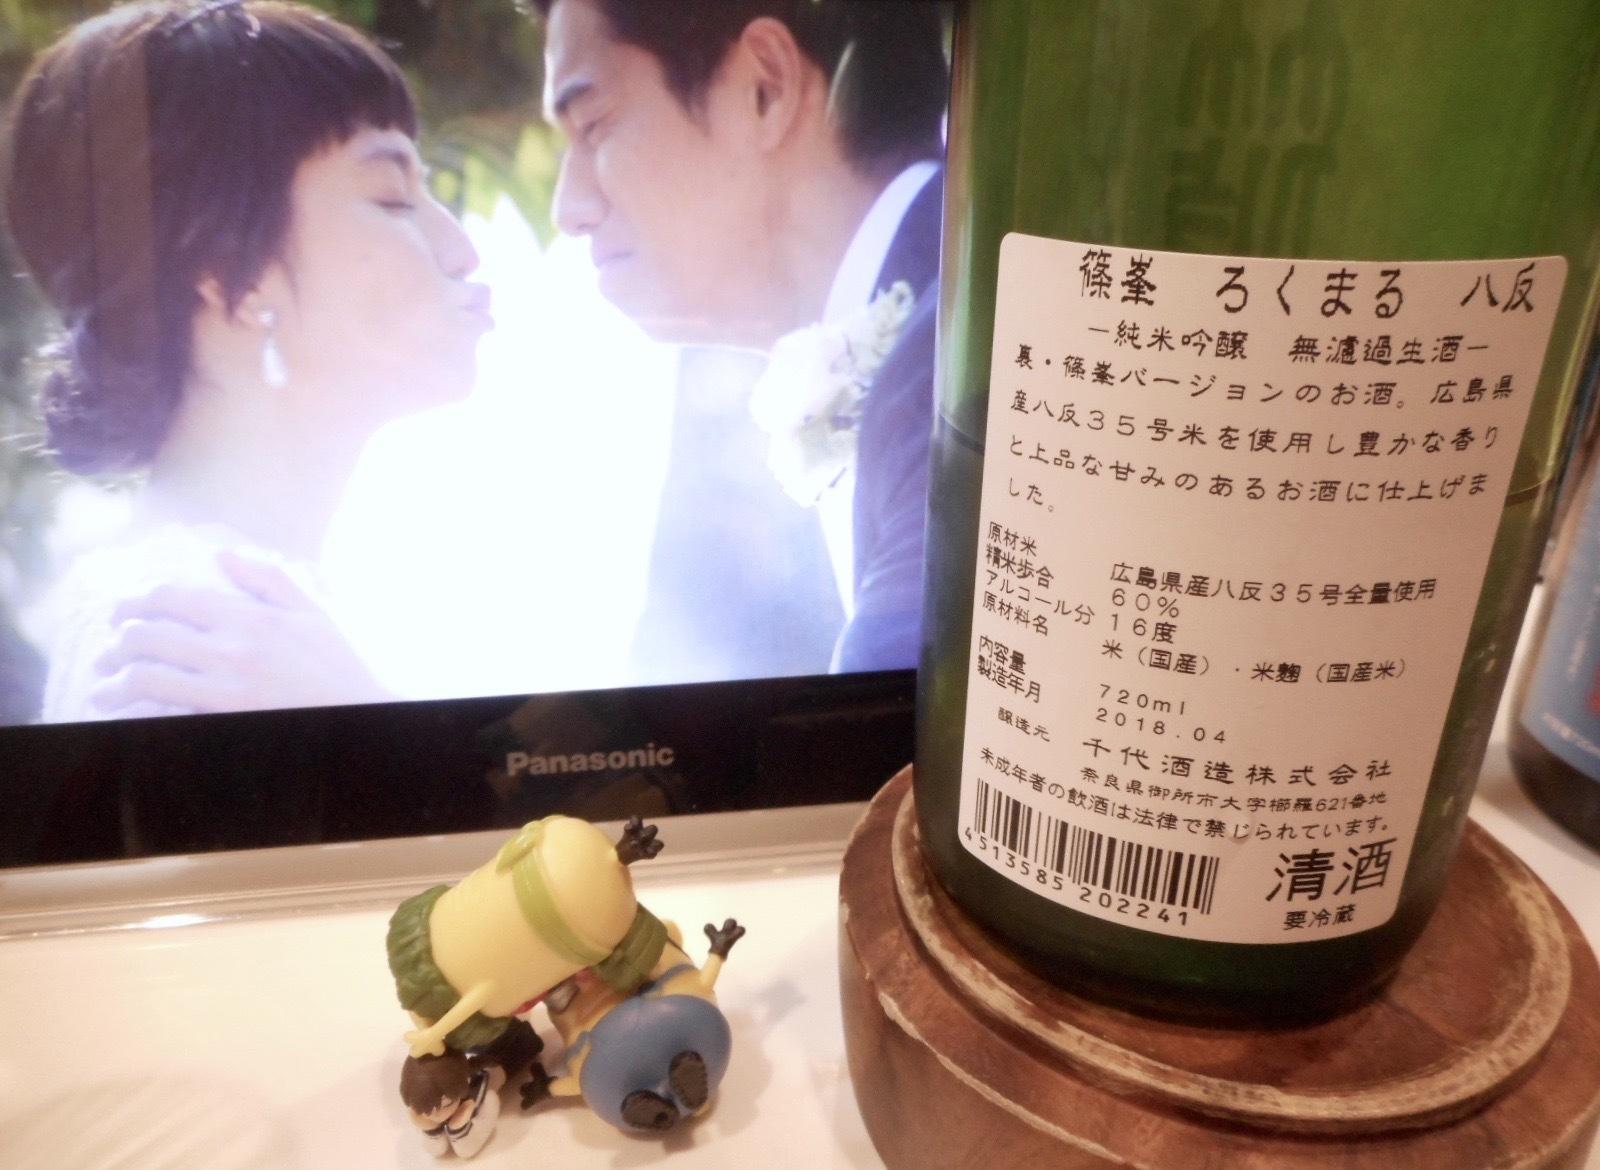 rokumaru_hattan29by2.jpg